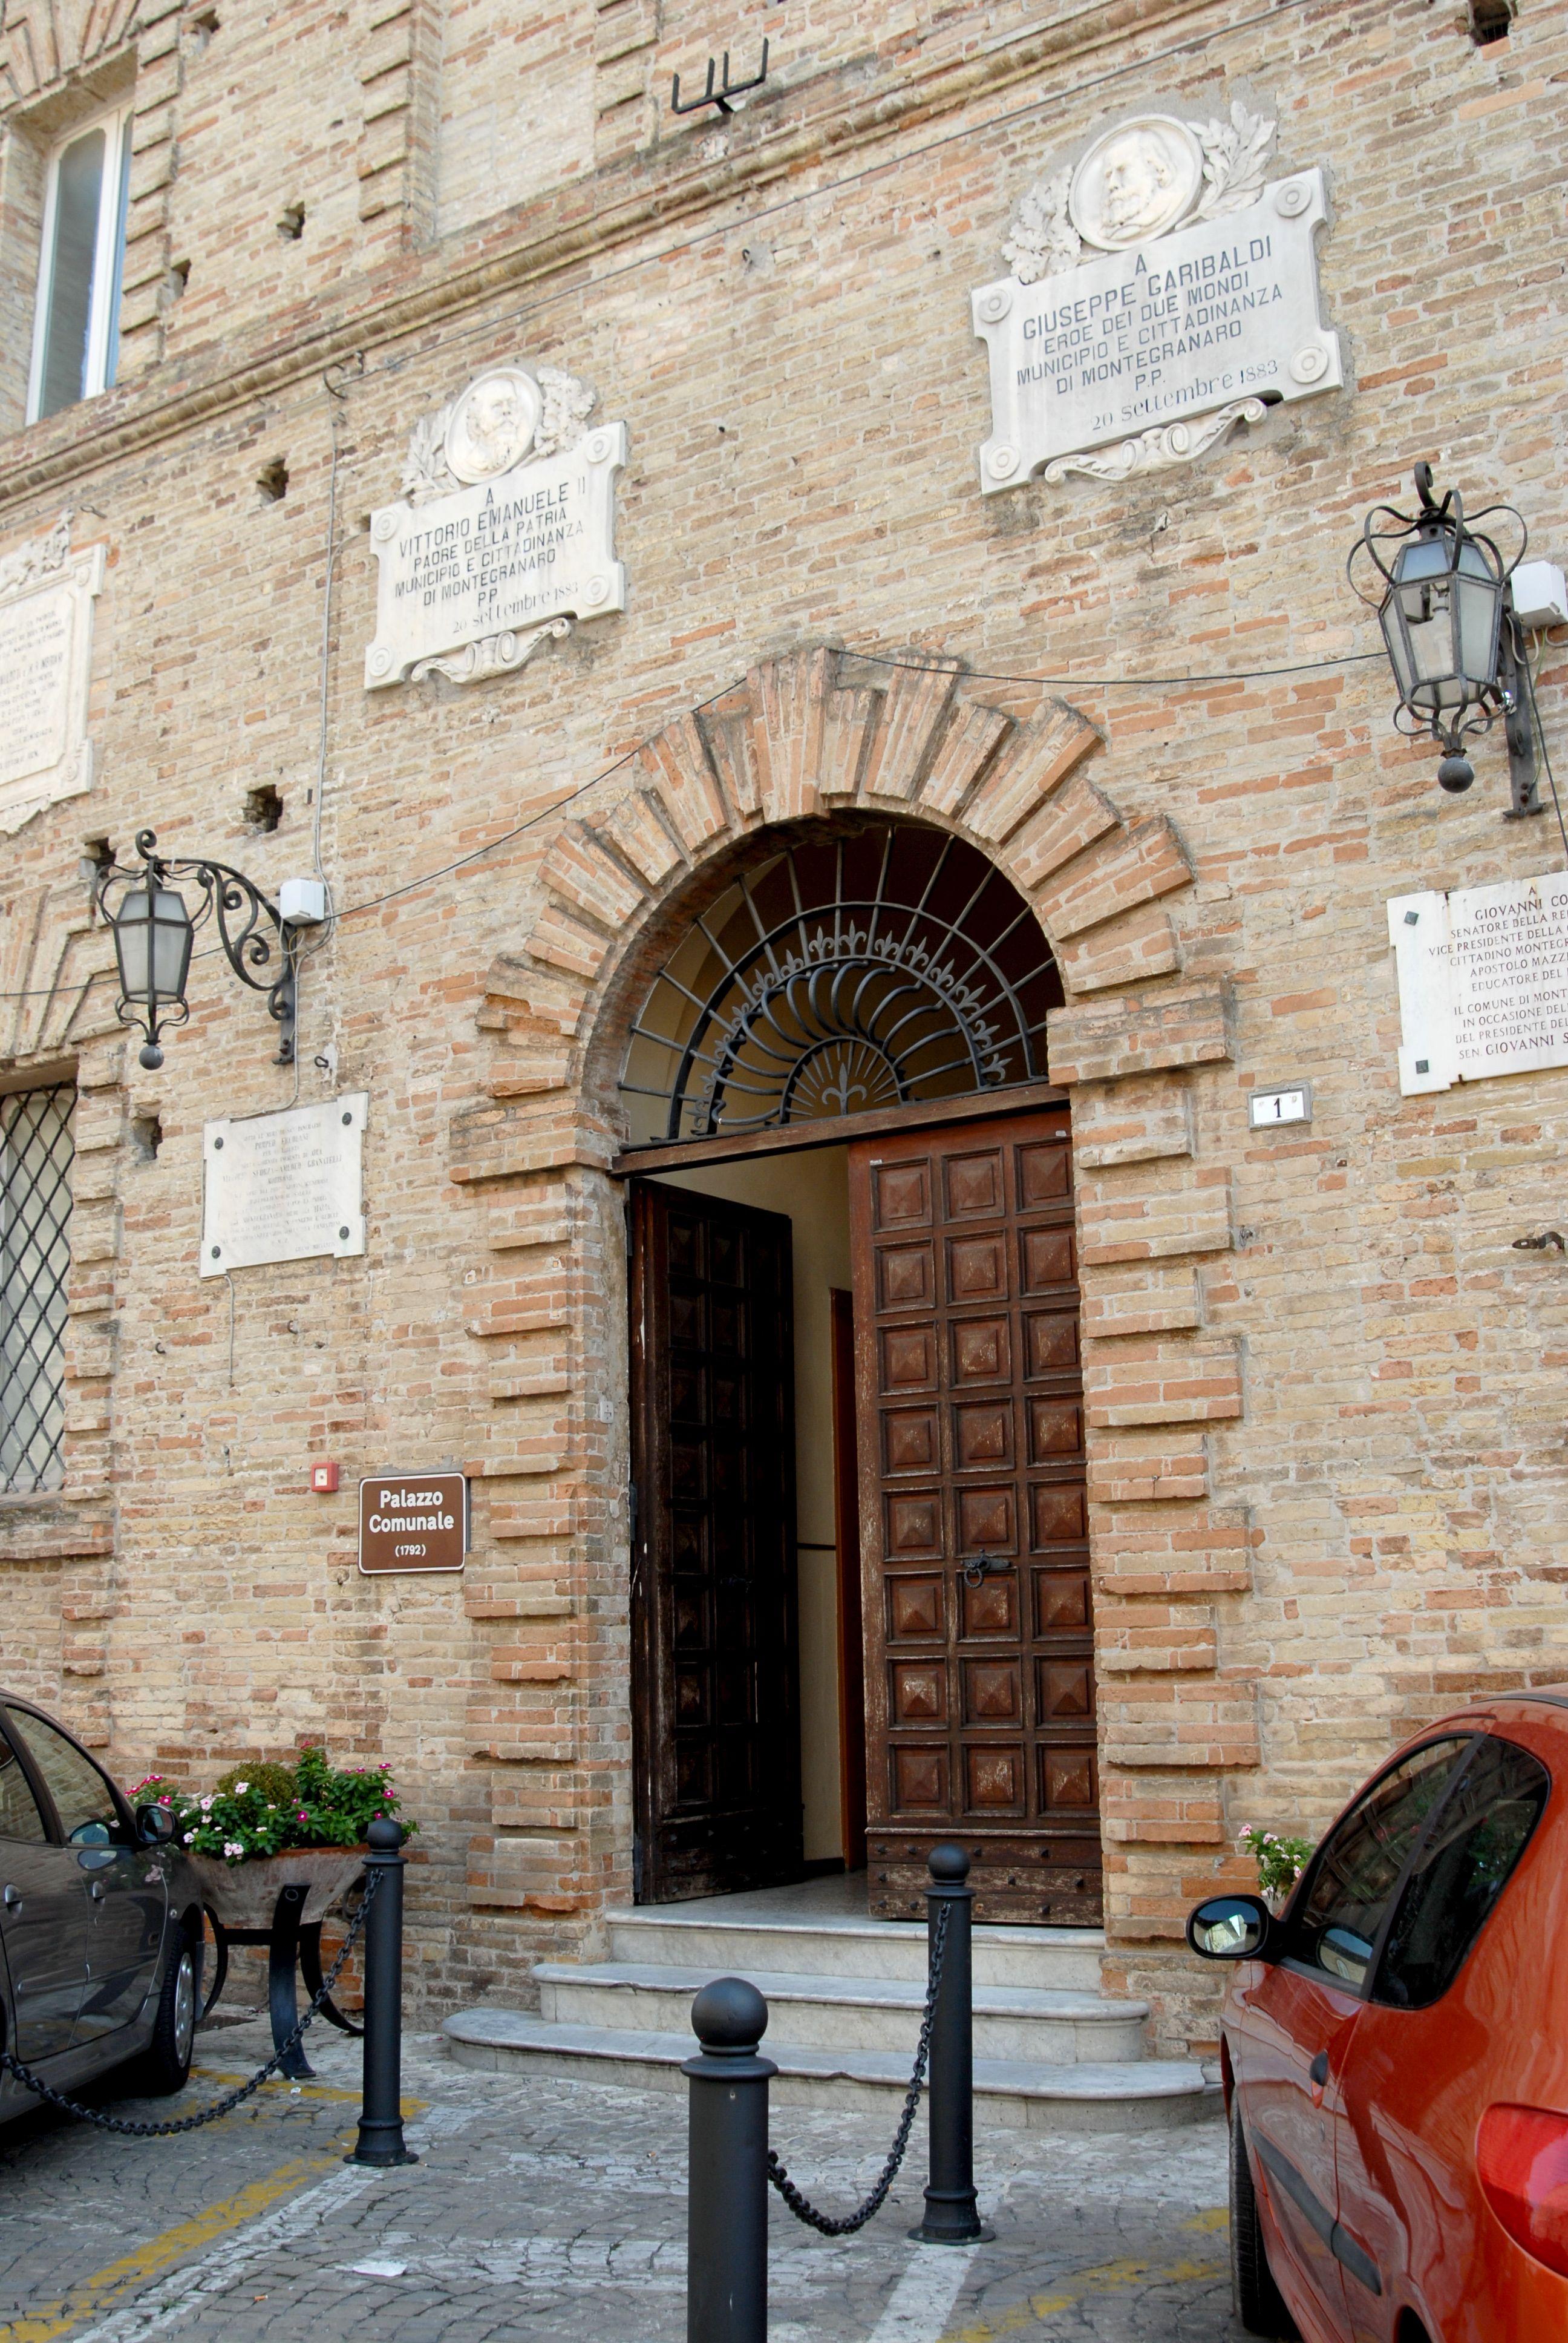 Palazzo comunale #marcafermana #montegranaro #fermo #marche